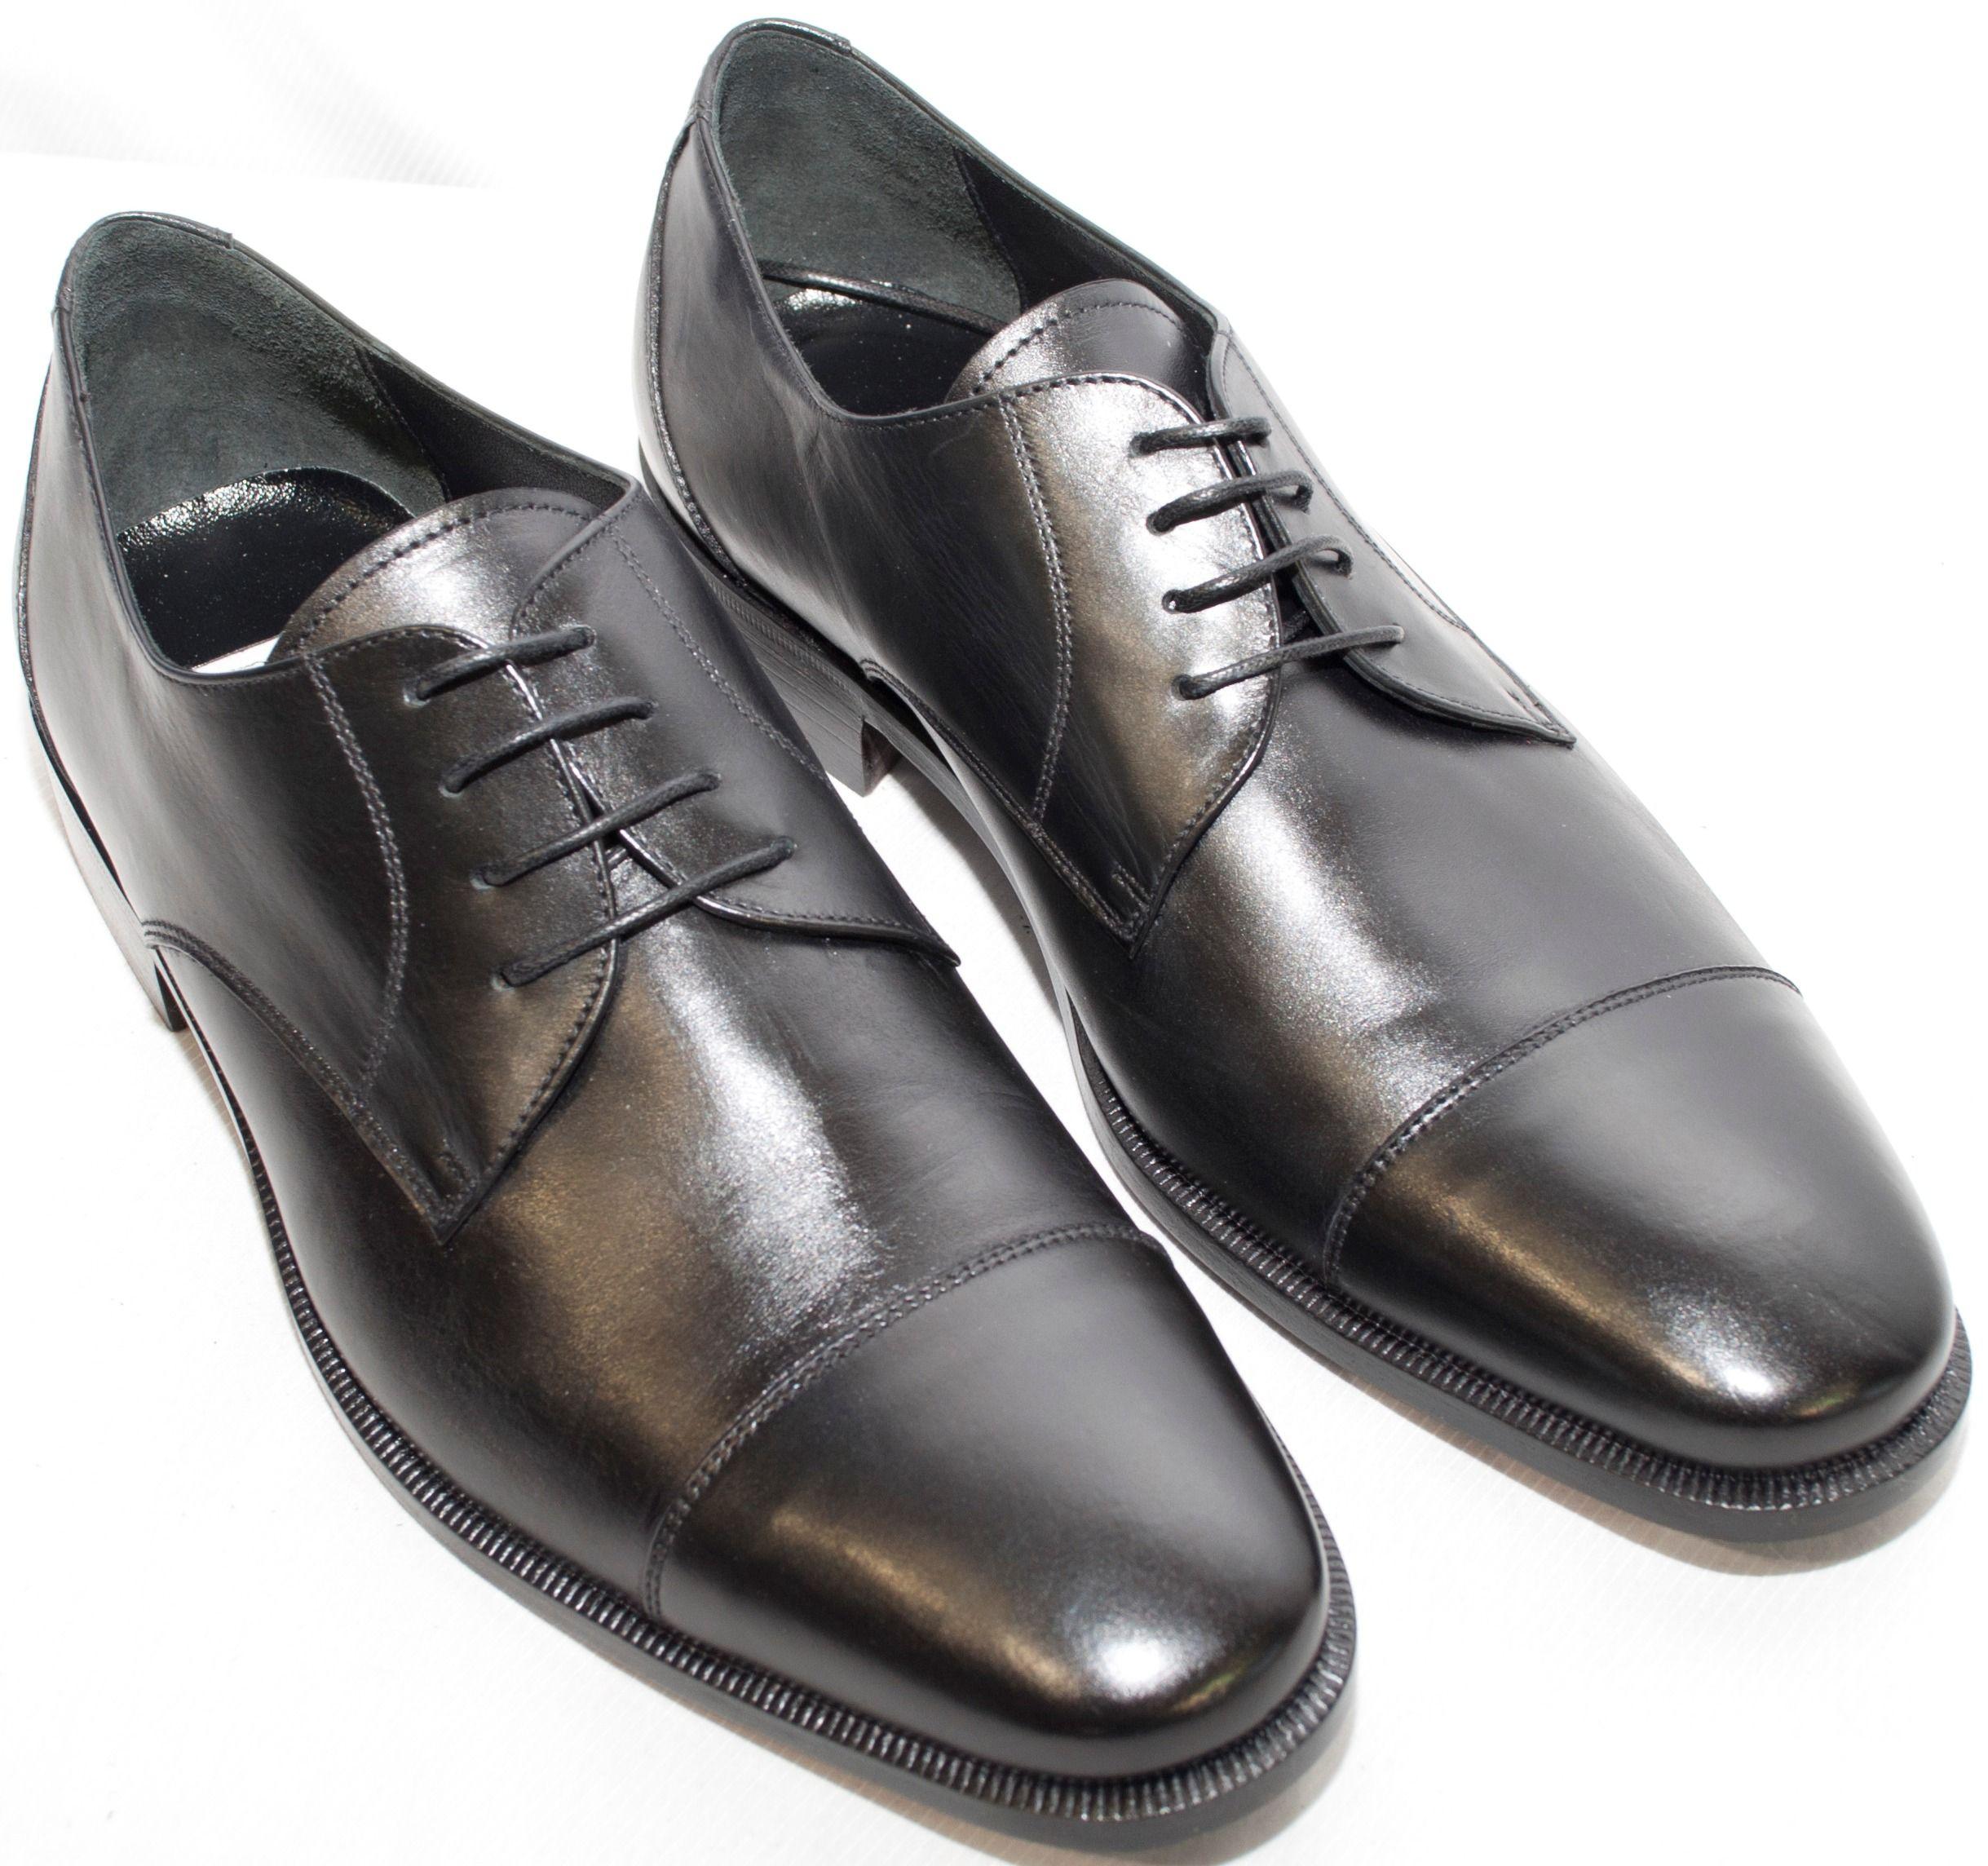 Scarpe da sposo, scarpe da cerimonia perche' gli